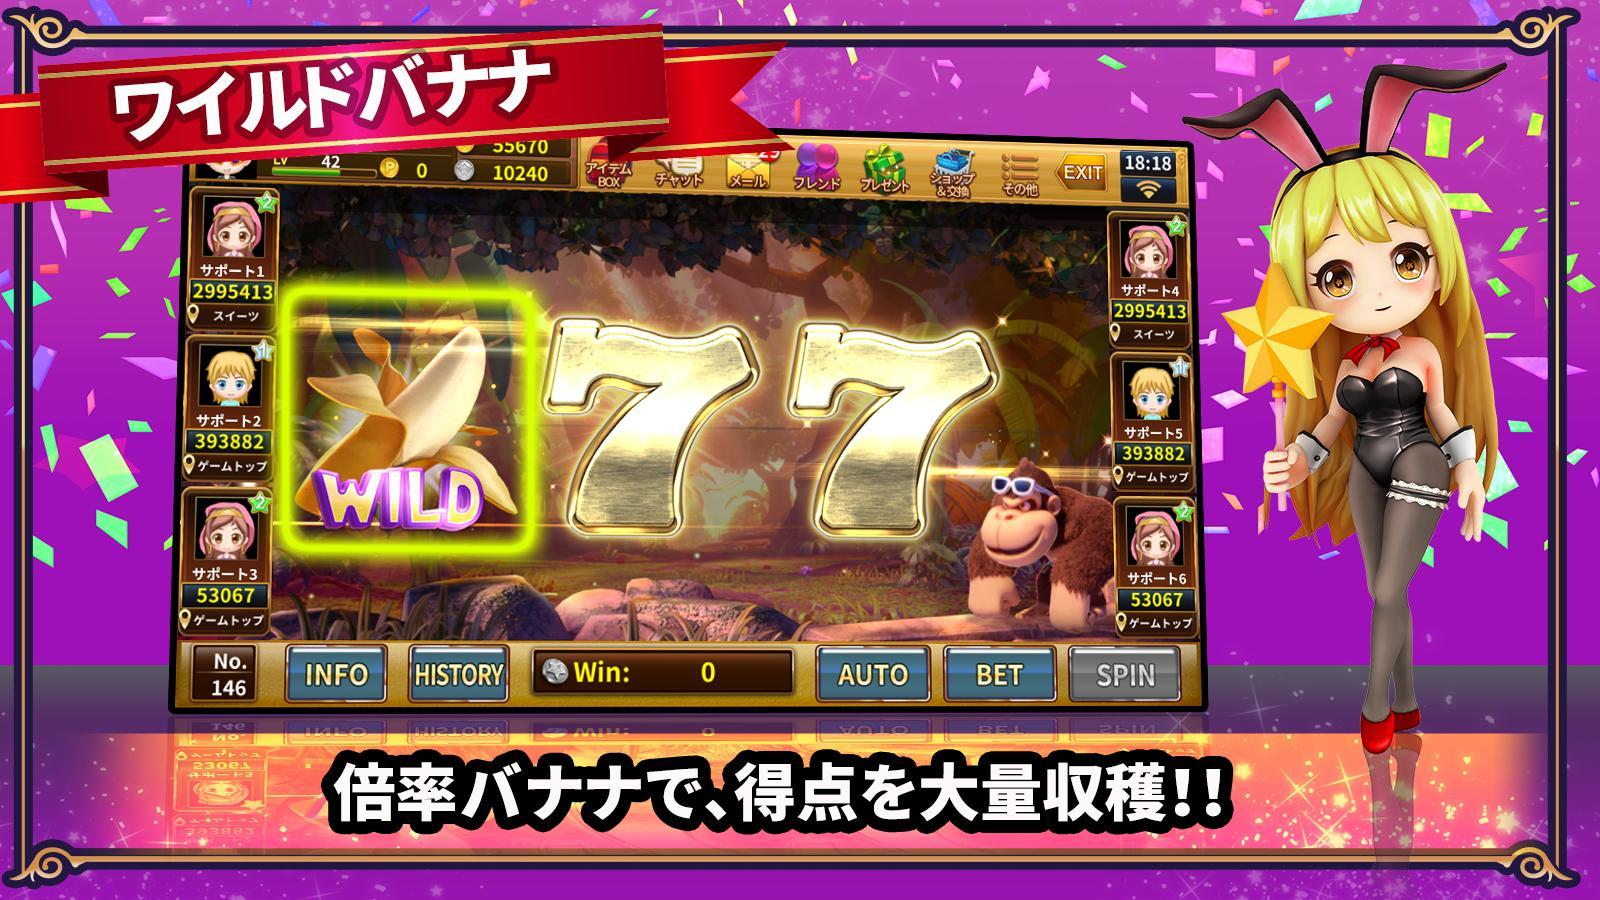 カジノ王国~無料カジノスロットゲーム~ 2.0 Screenshot 6